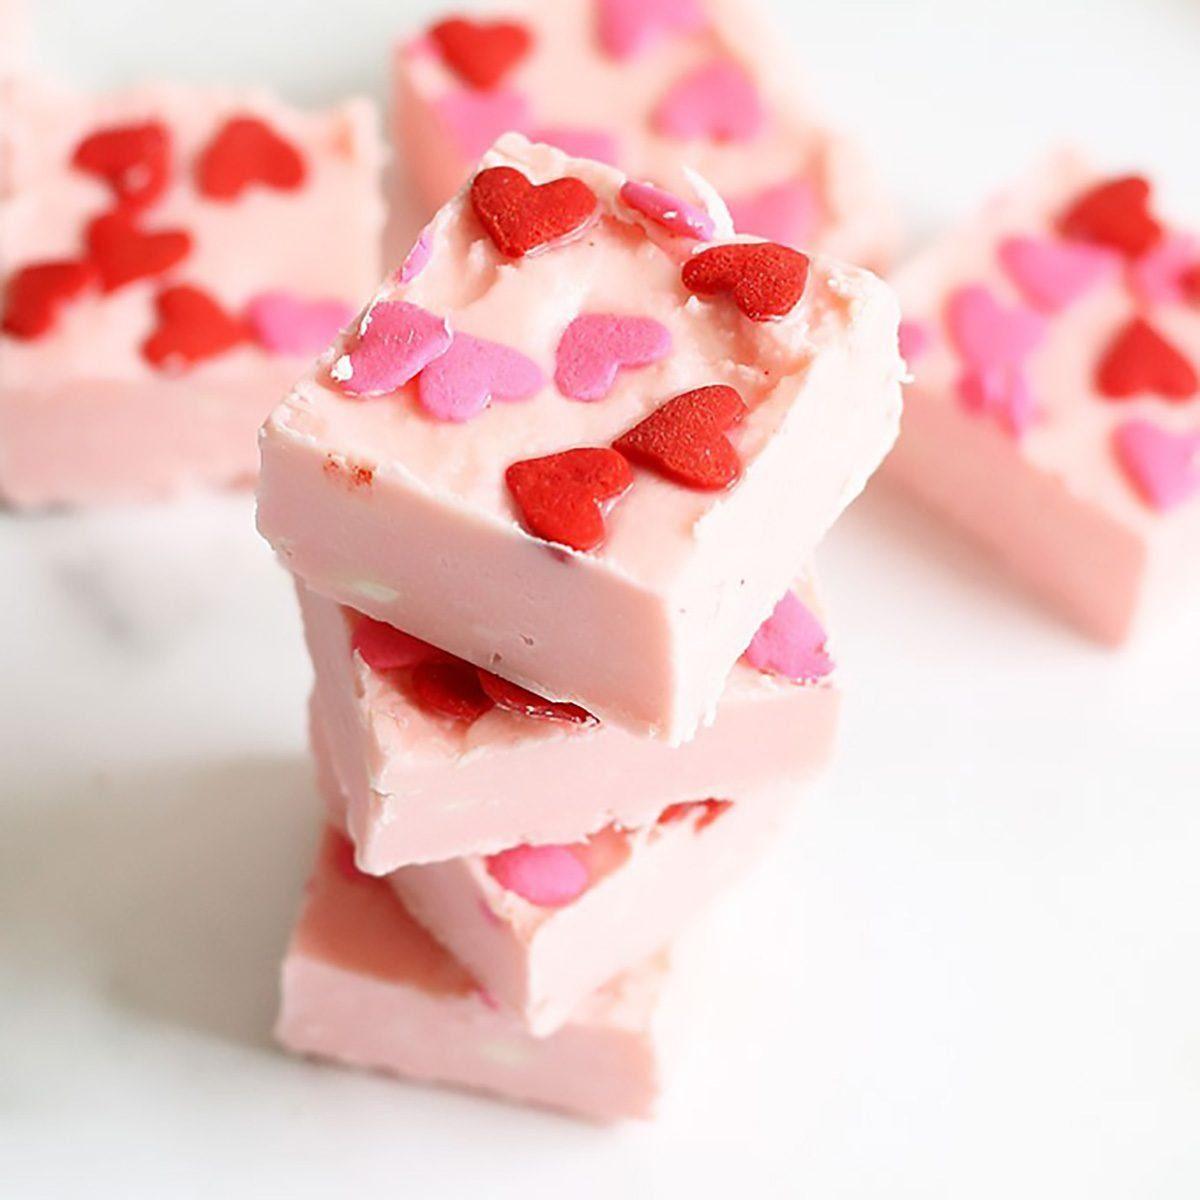 2 Ingredient Strawberry Frosting Fudge valentines desserts